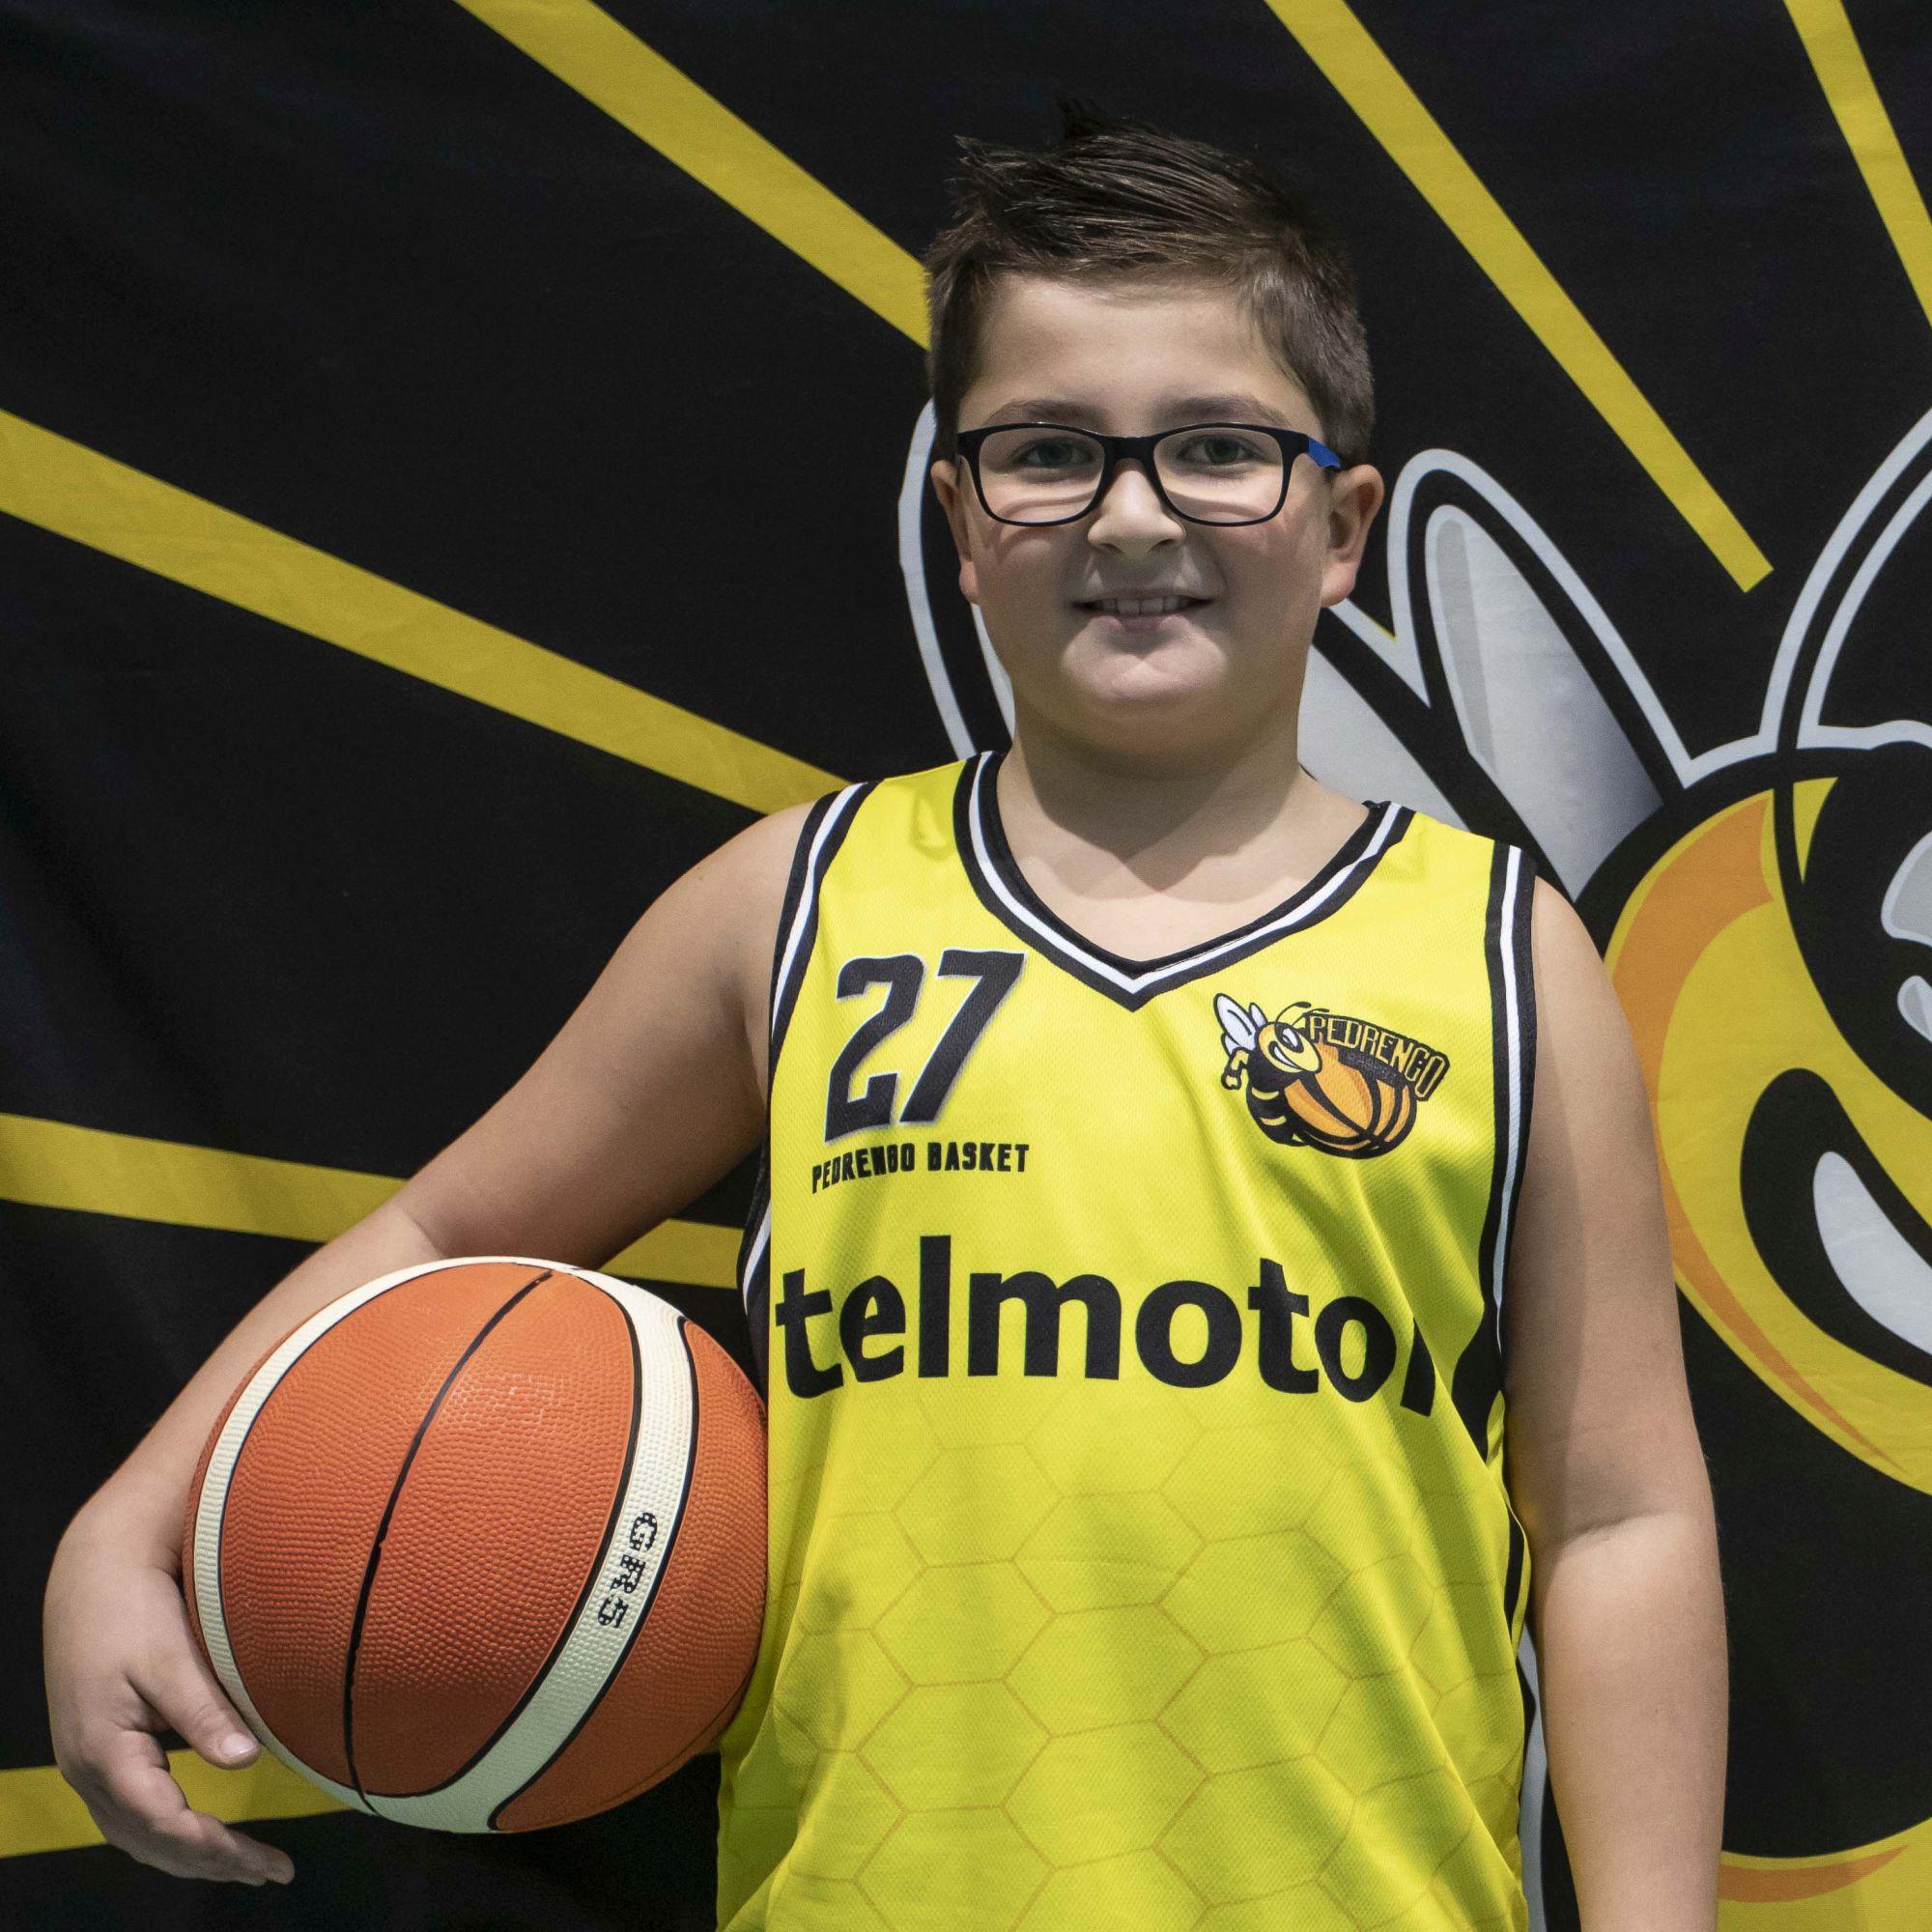 Galiero-Nicholas-2011